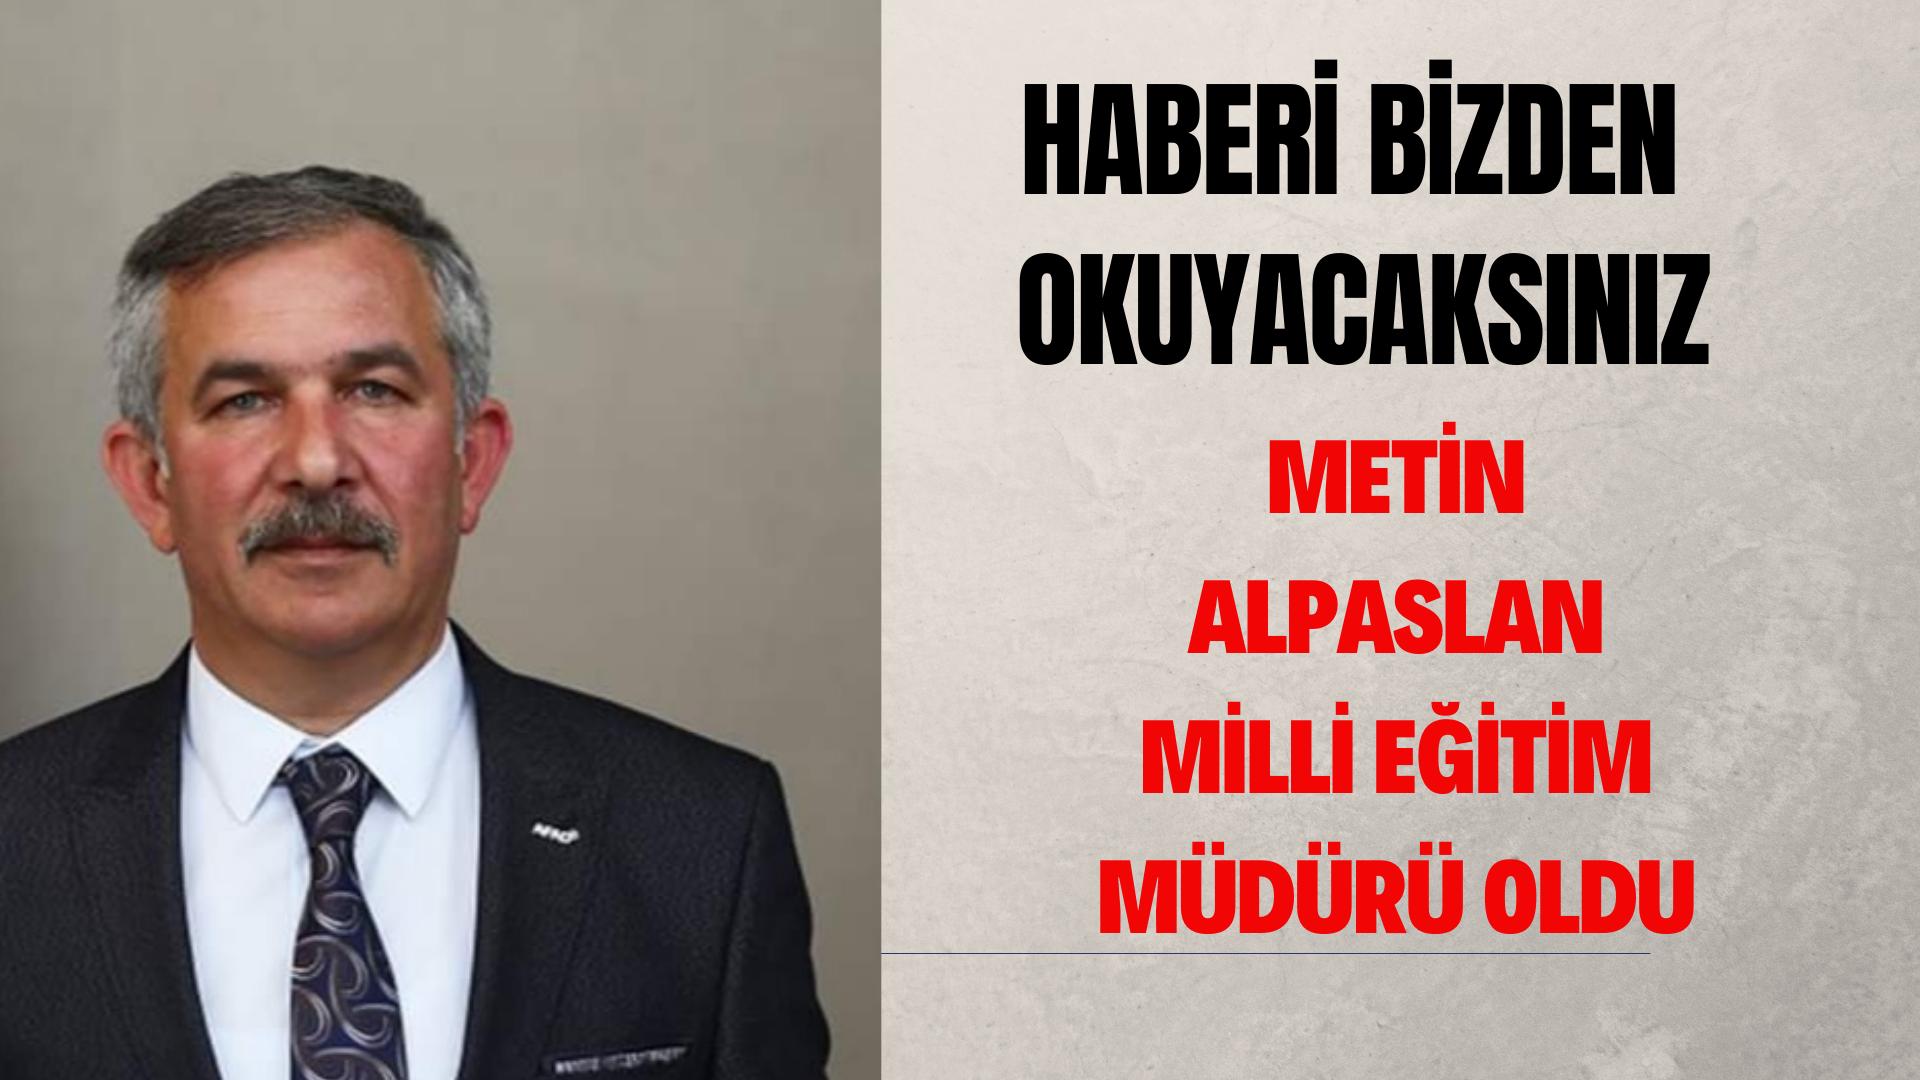 Metin Alpaslan Milli Eğitim Müdürü oldu